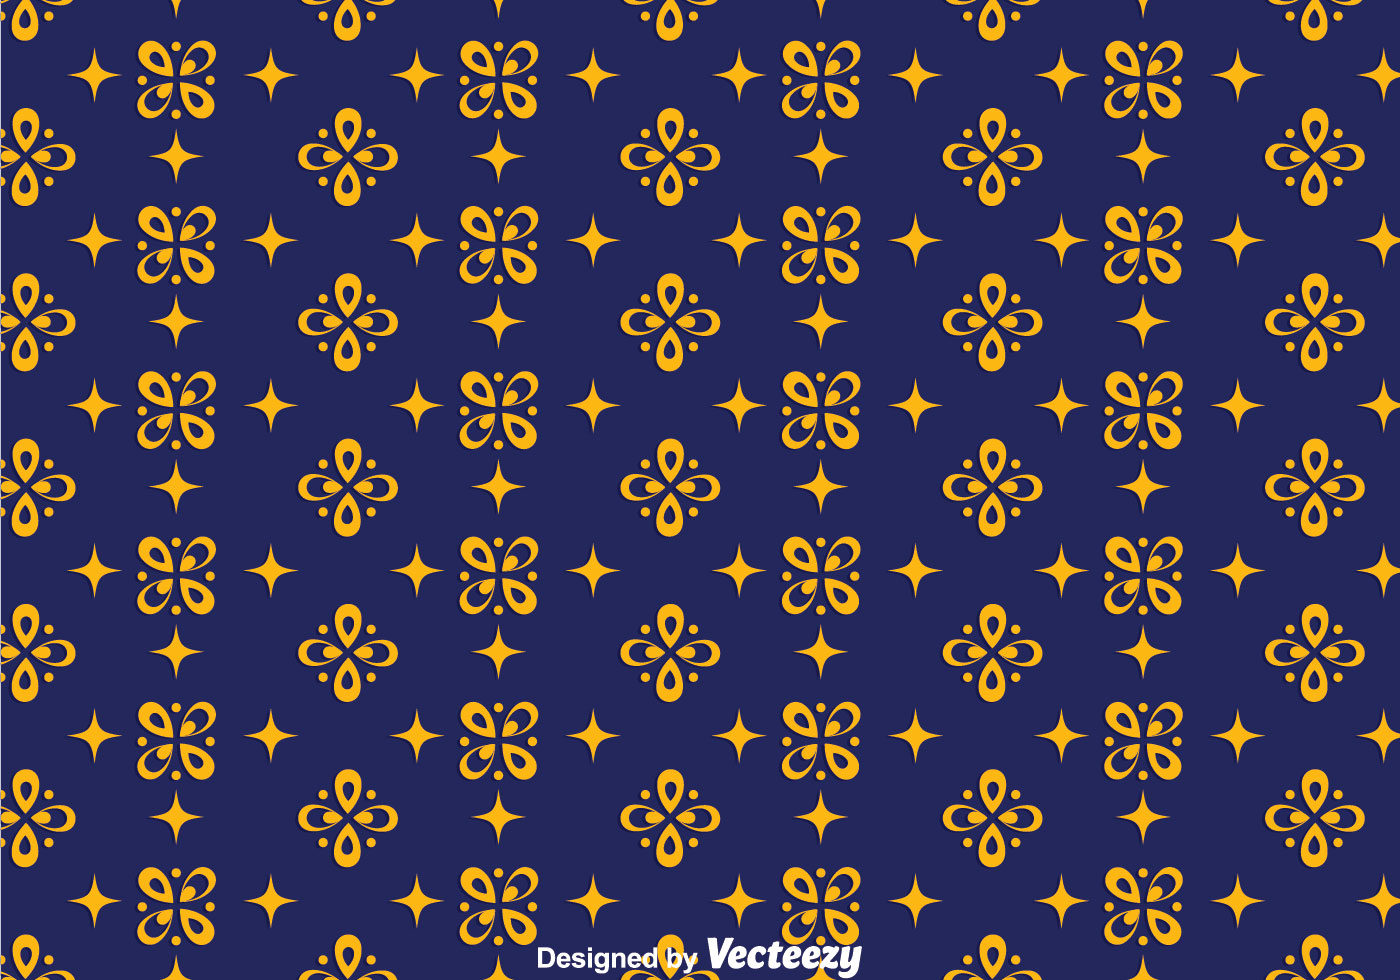 dark blue batik background vector download free vectors clipart graphics vector art https www vecteezy com vector art 105798 dark blue batik background vector